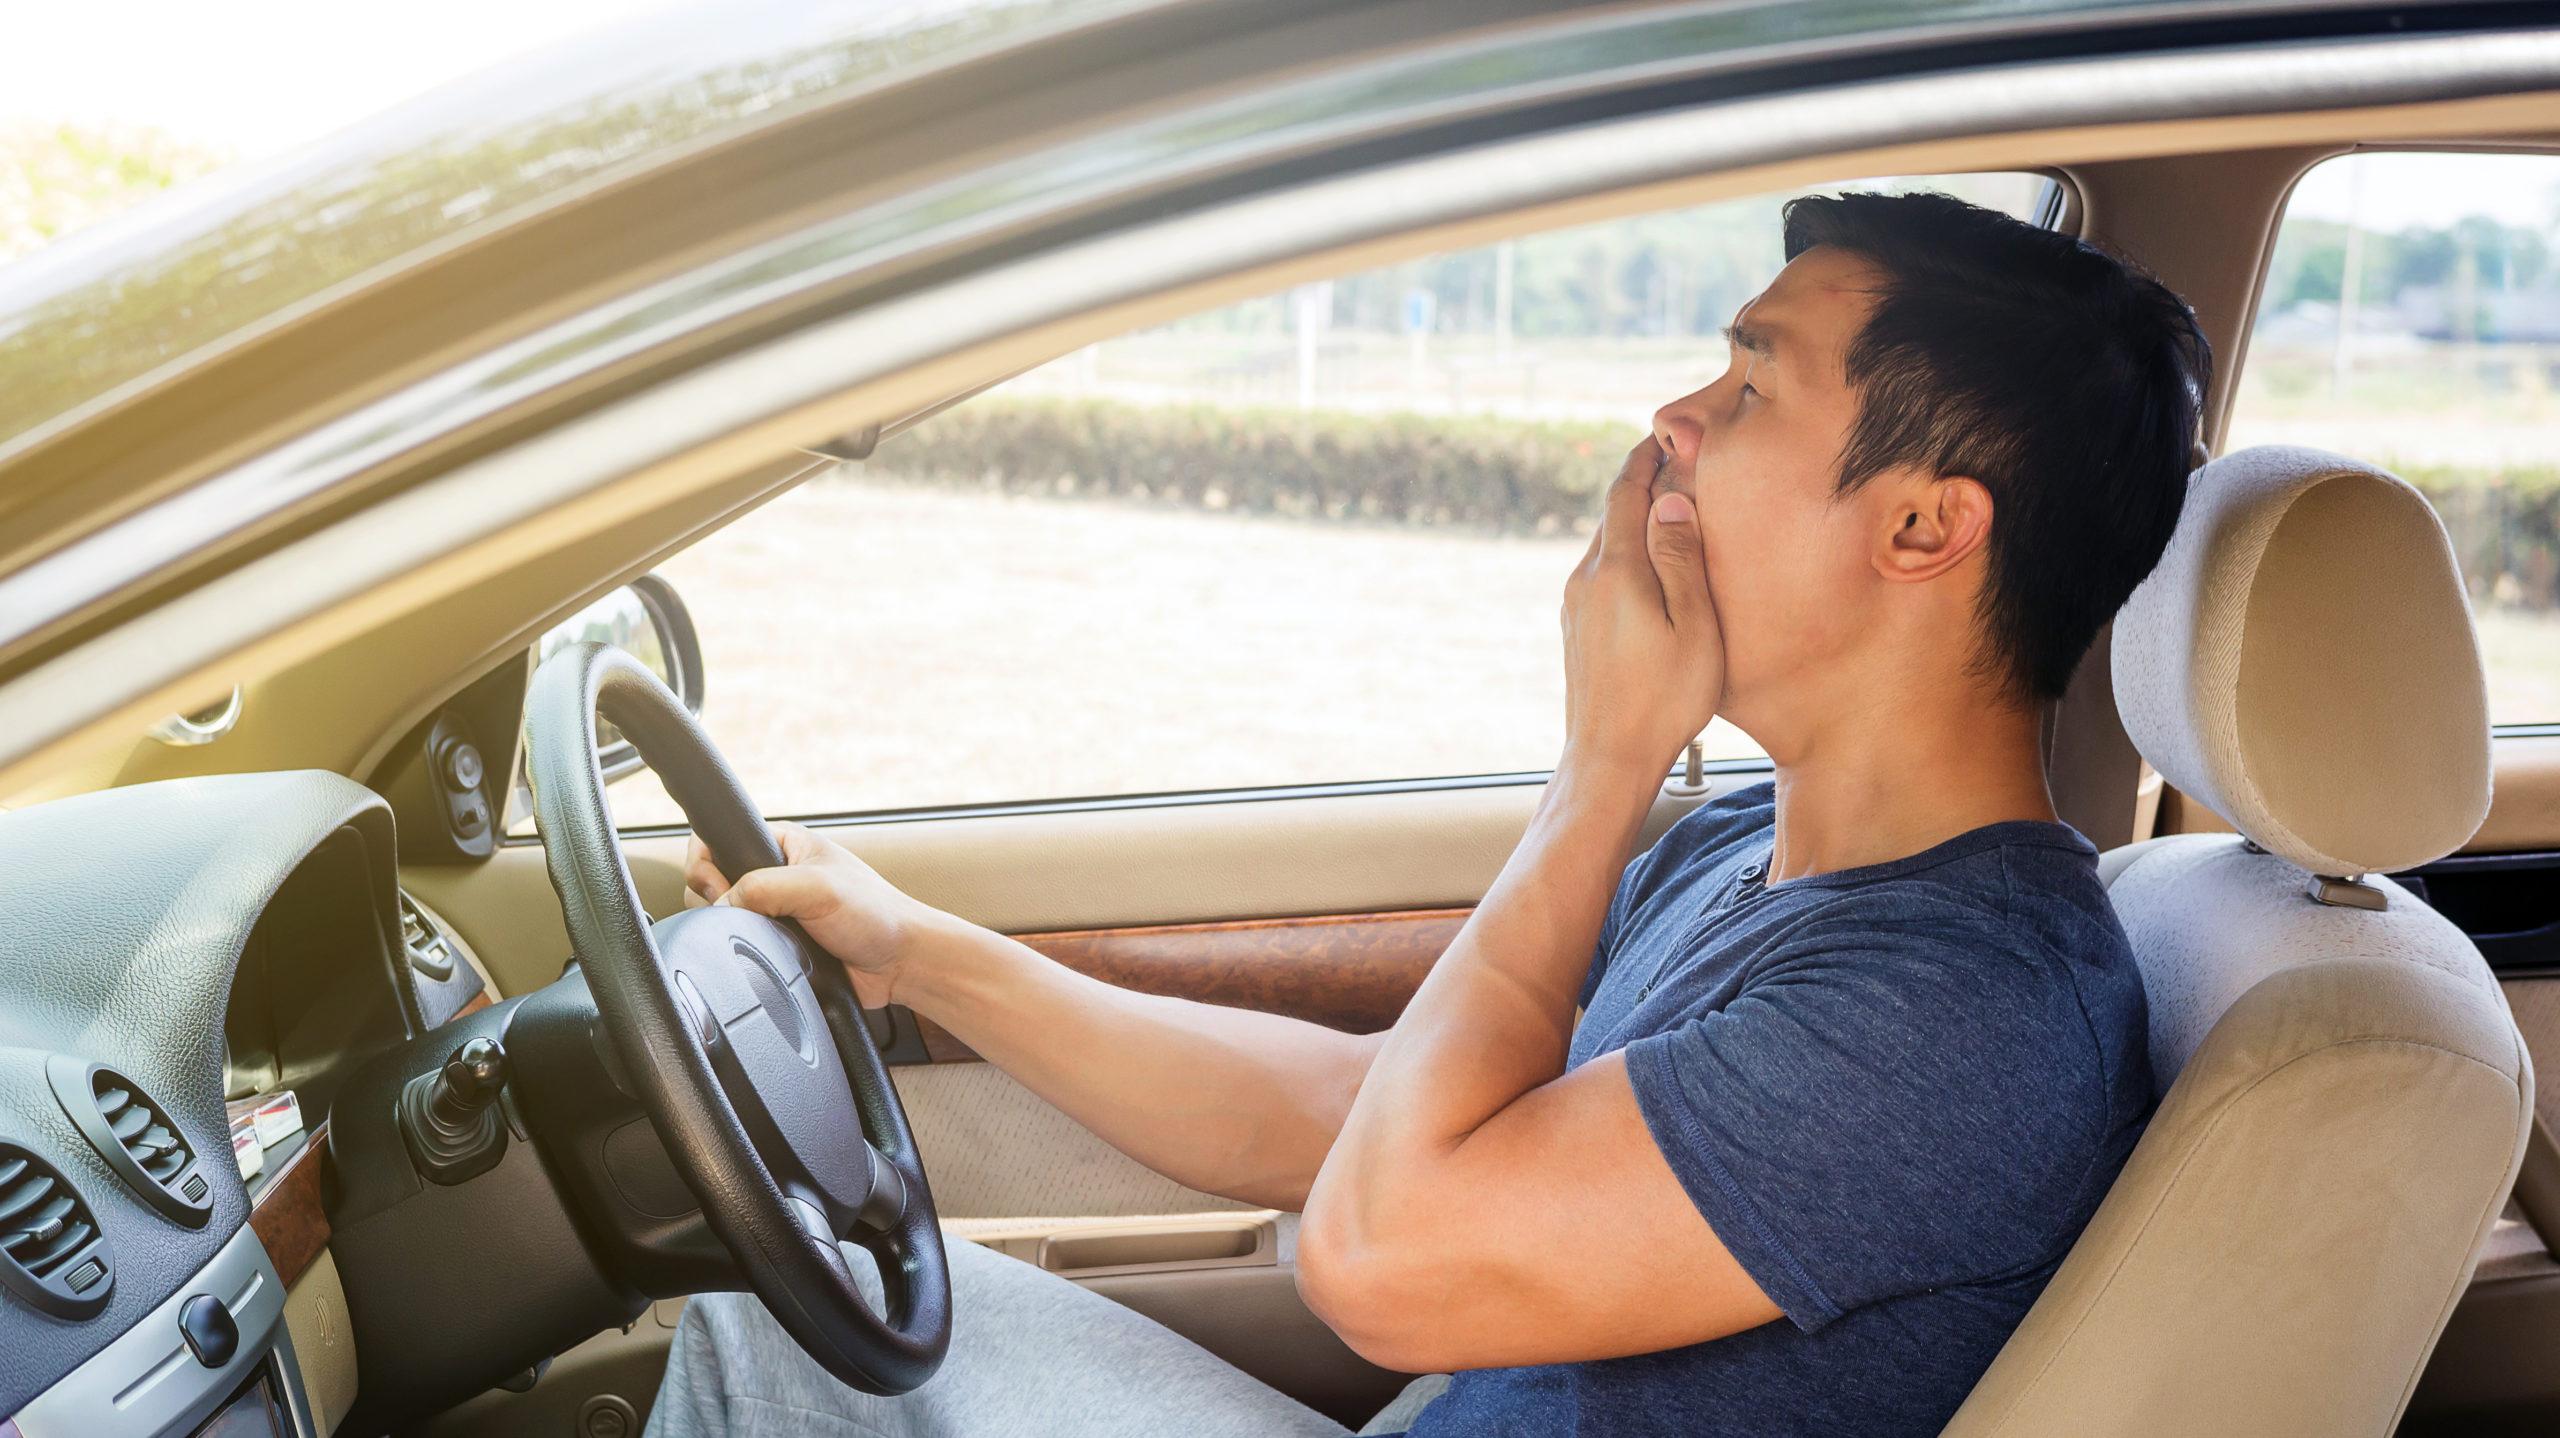 Cansancio conducir